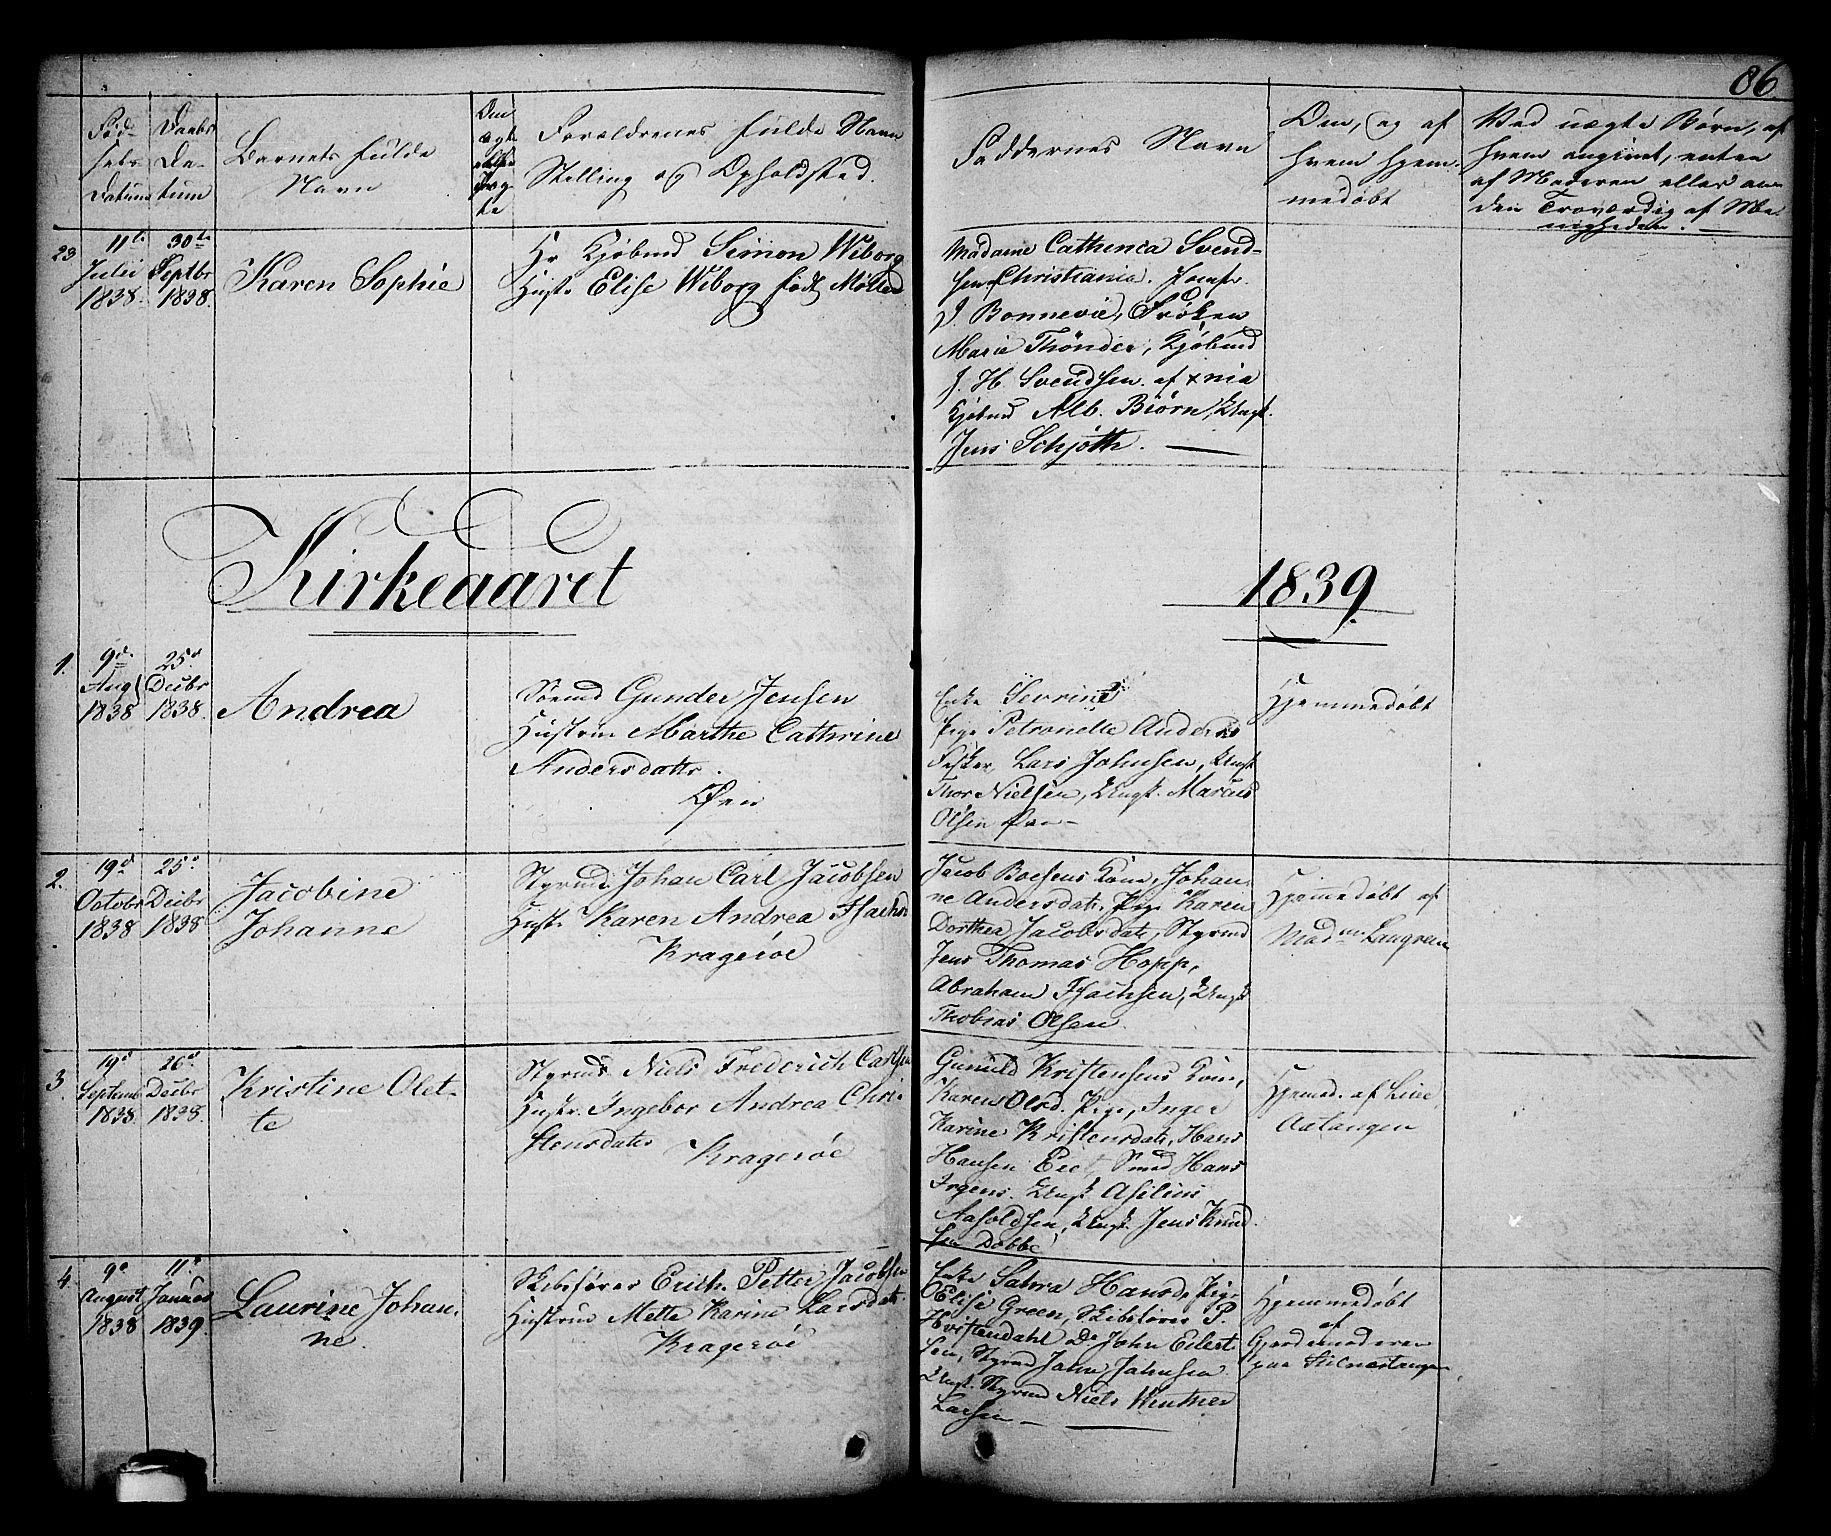 SAKO, Kragerø kirkebøker, G/Ga/L0003: Klokkerbok nr. 3, 1832-1852, s. 86